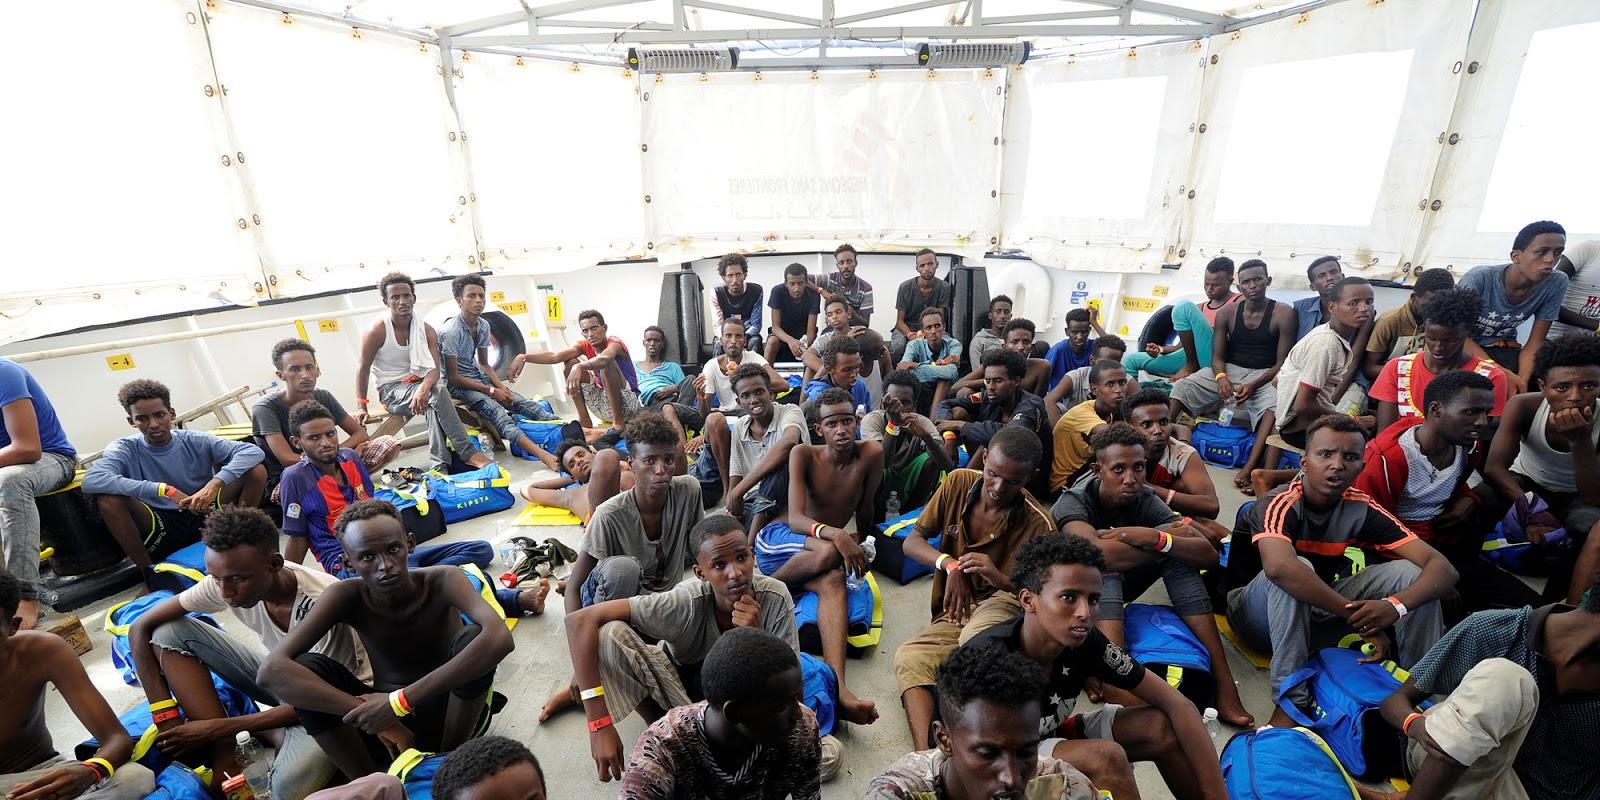 Crise migratoire : à Malte de plus en plus de migrants à la rue après avoir été expulsés de leur centre d'hébergement